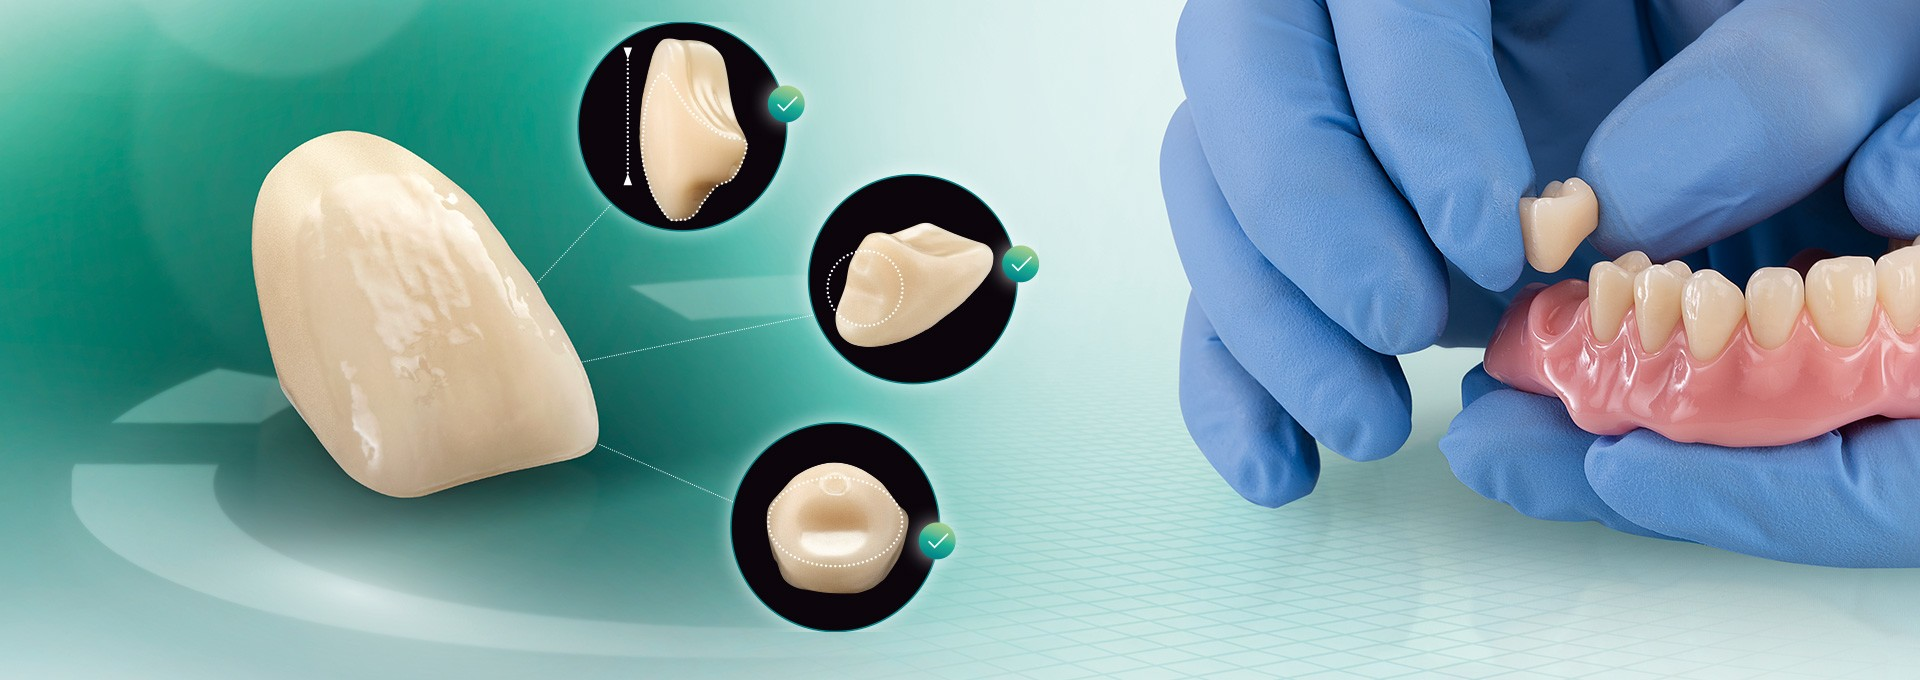 El diente VITA VIONIC VIGO desde distintas perspectivas y una prótesis confeccionada digitalmente.